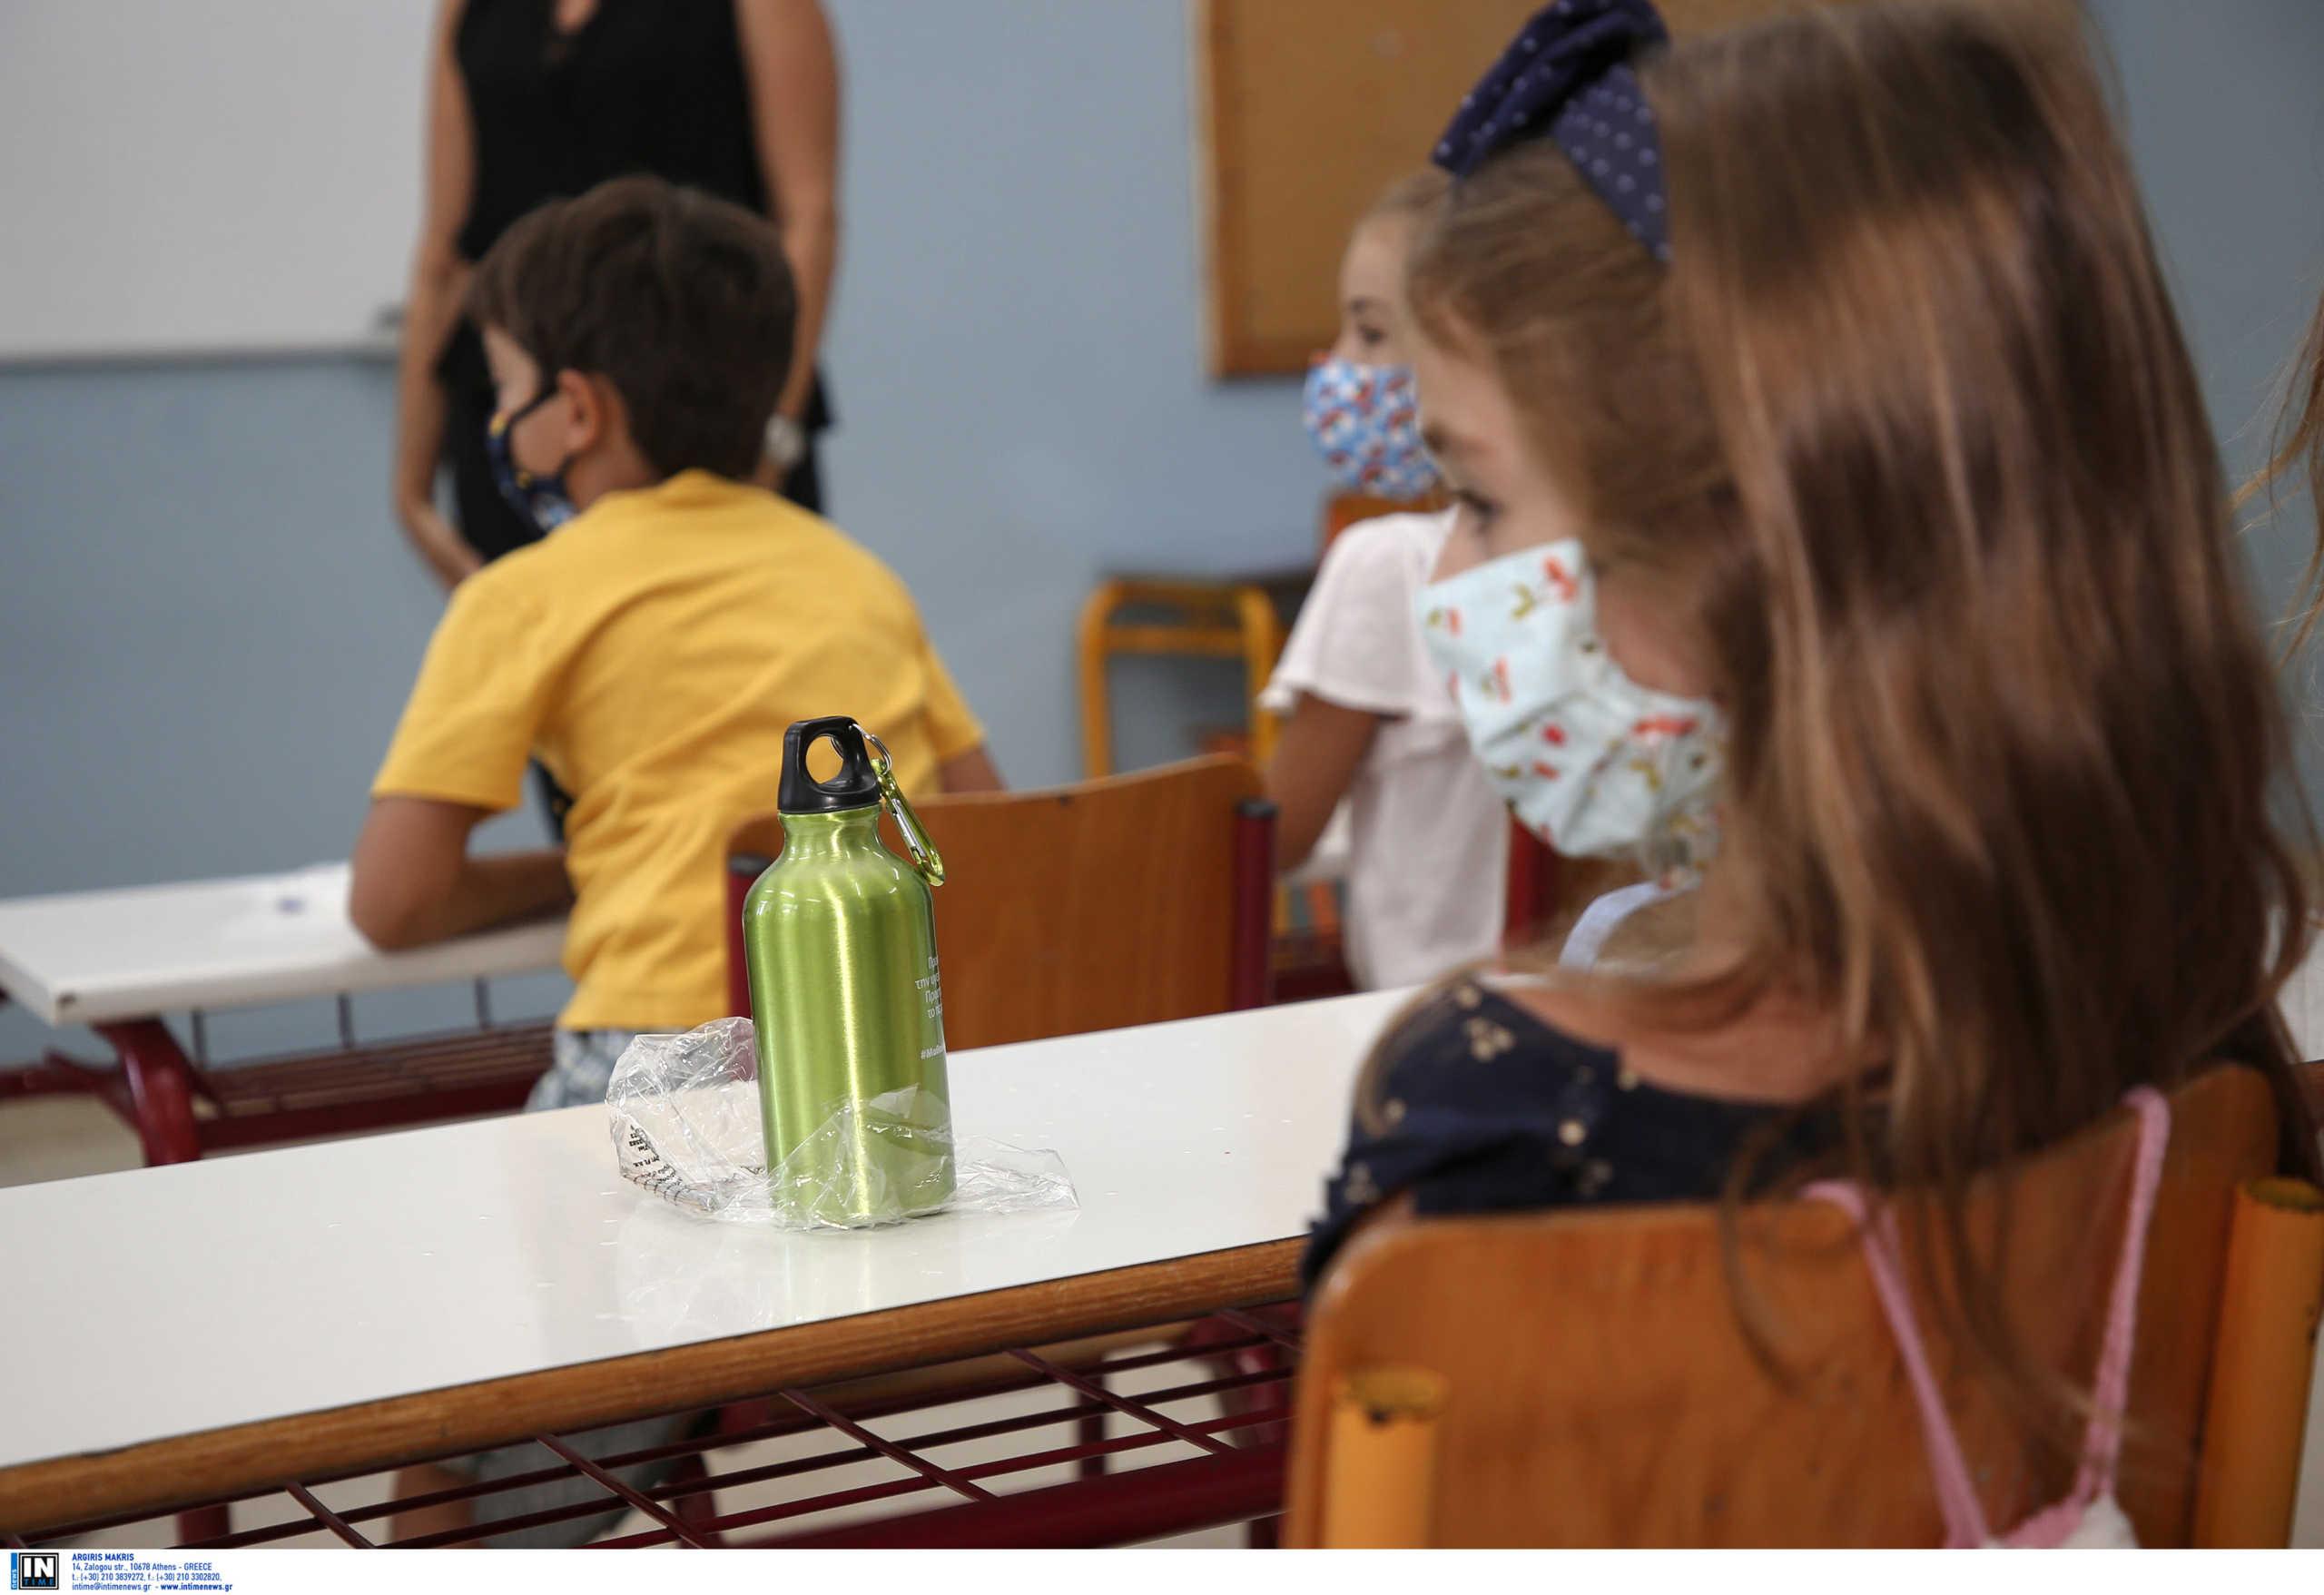 Προσοχή: Αυτά τα σχολεία είναι κλειστά την Τρίτη 06/10 λόγω κορονοϊού – Η λίστα από το Υπουργείο Παιδείας